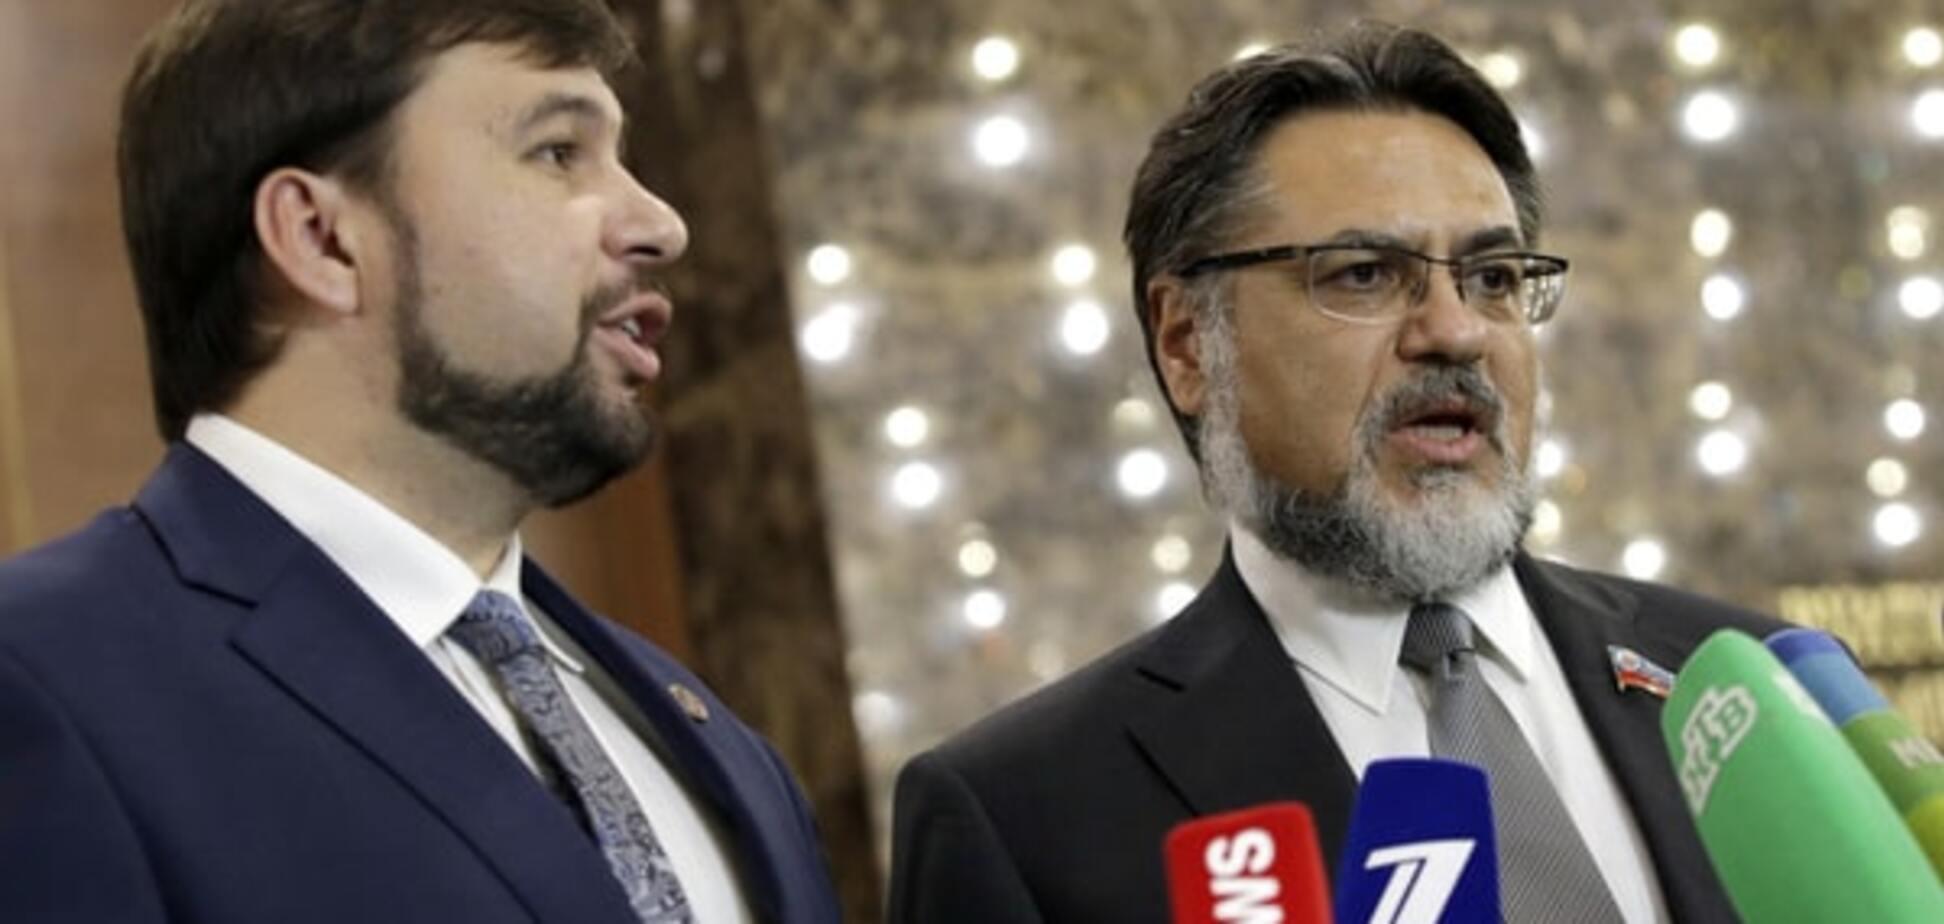 Ватажки 'ДНР' і 'ЛНР' коментувати зустріч у Парижі будуть через тиждень